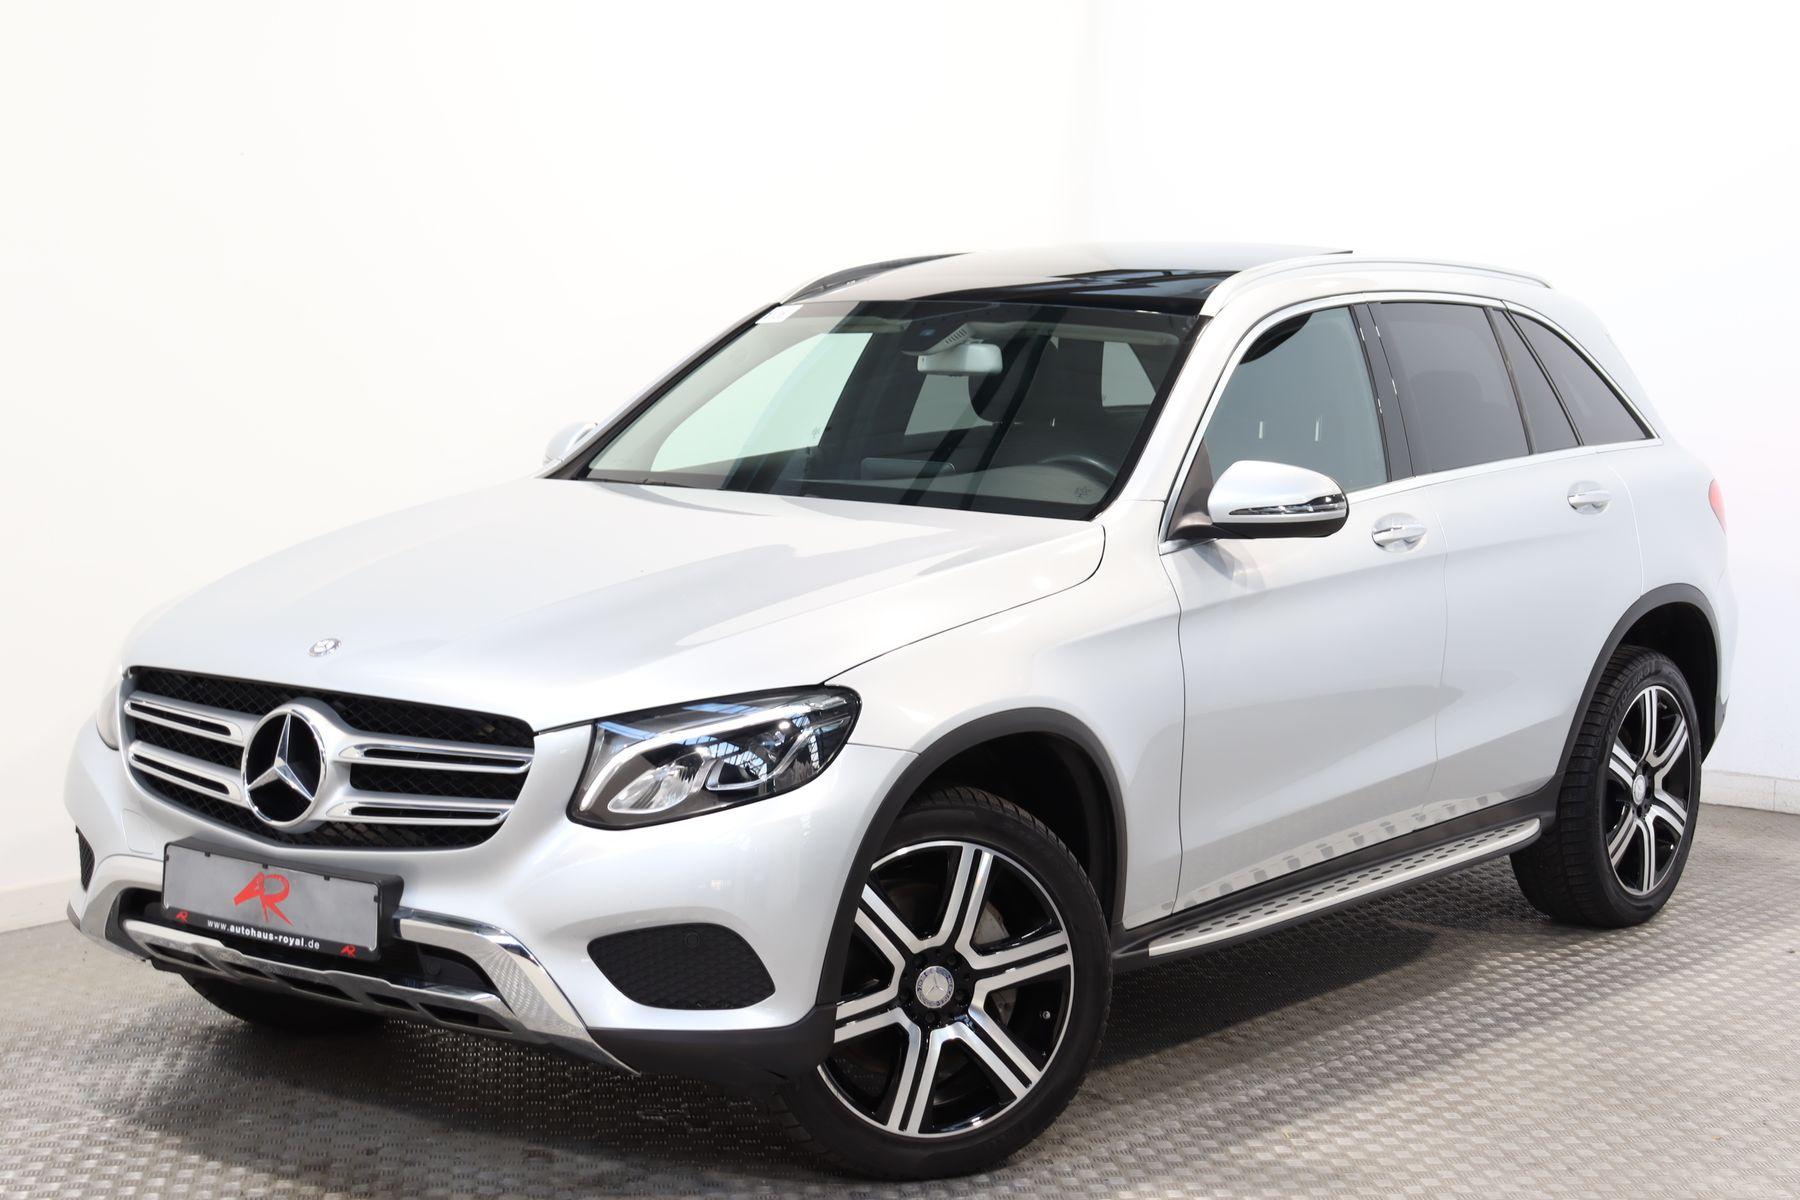 Mercedes-Benz GLC 300 9G 4M TRITTBRETTER,COMAND,KEYLESS,MEMORY, Jahr 2016, Benzin